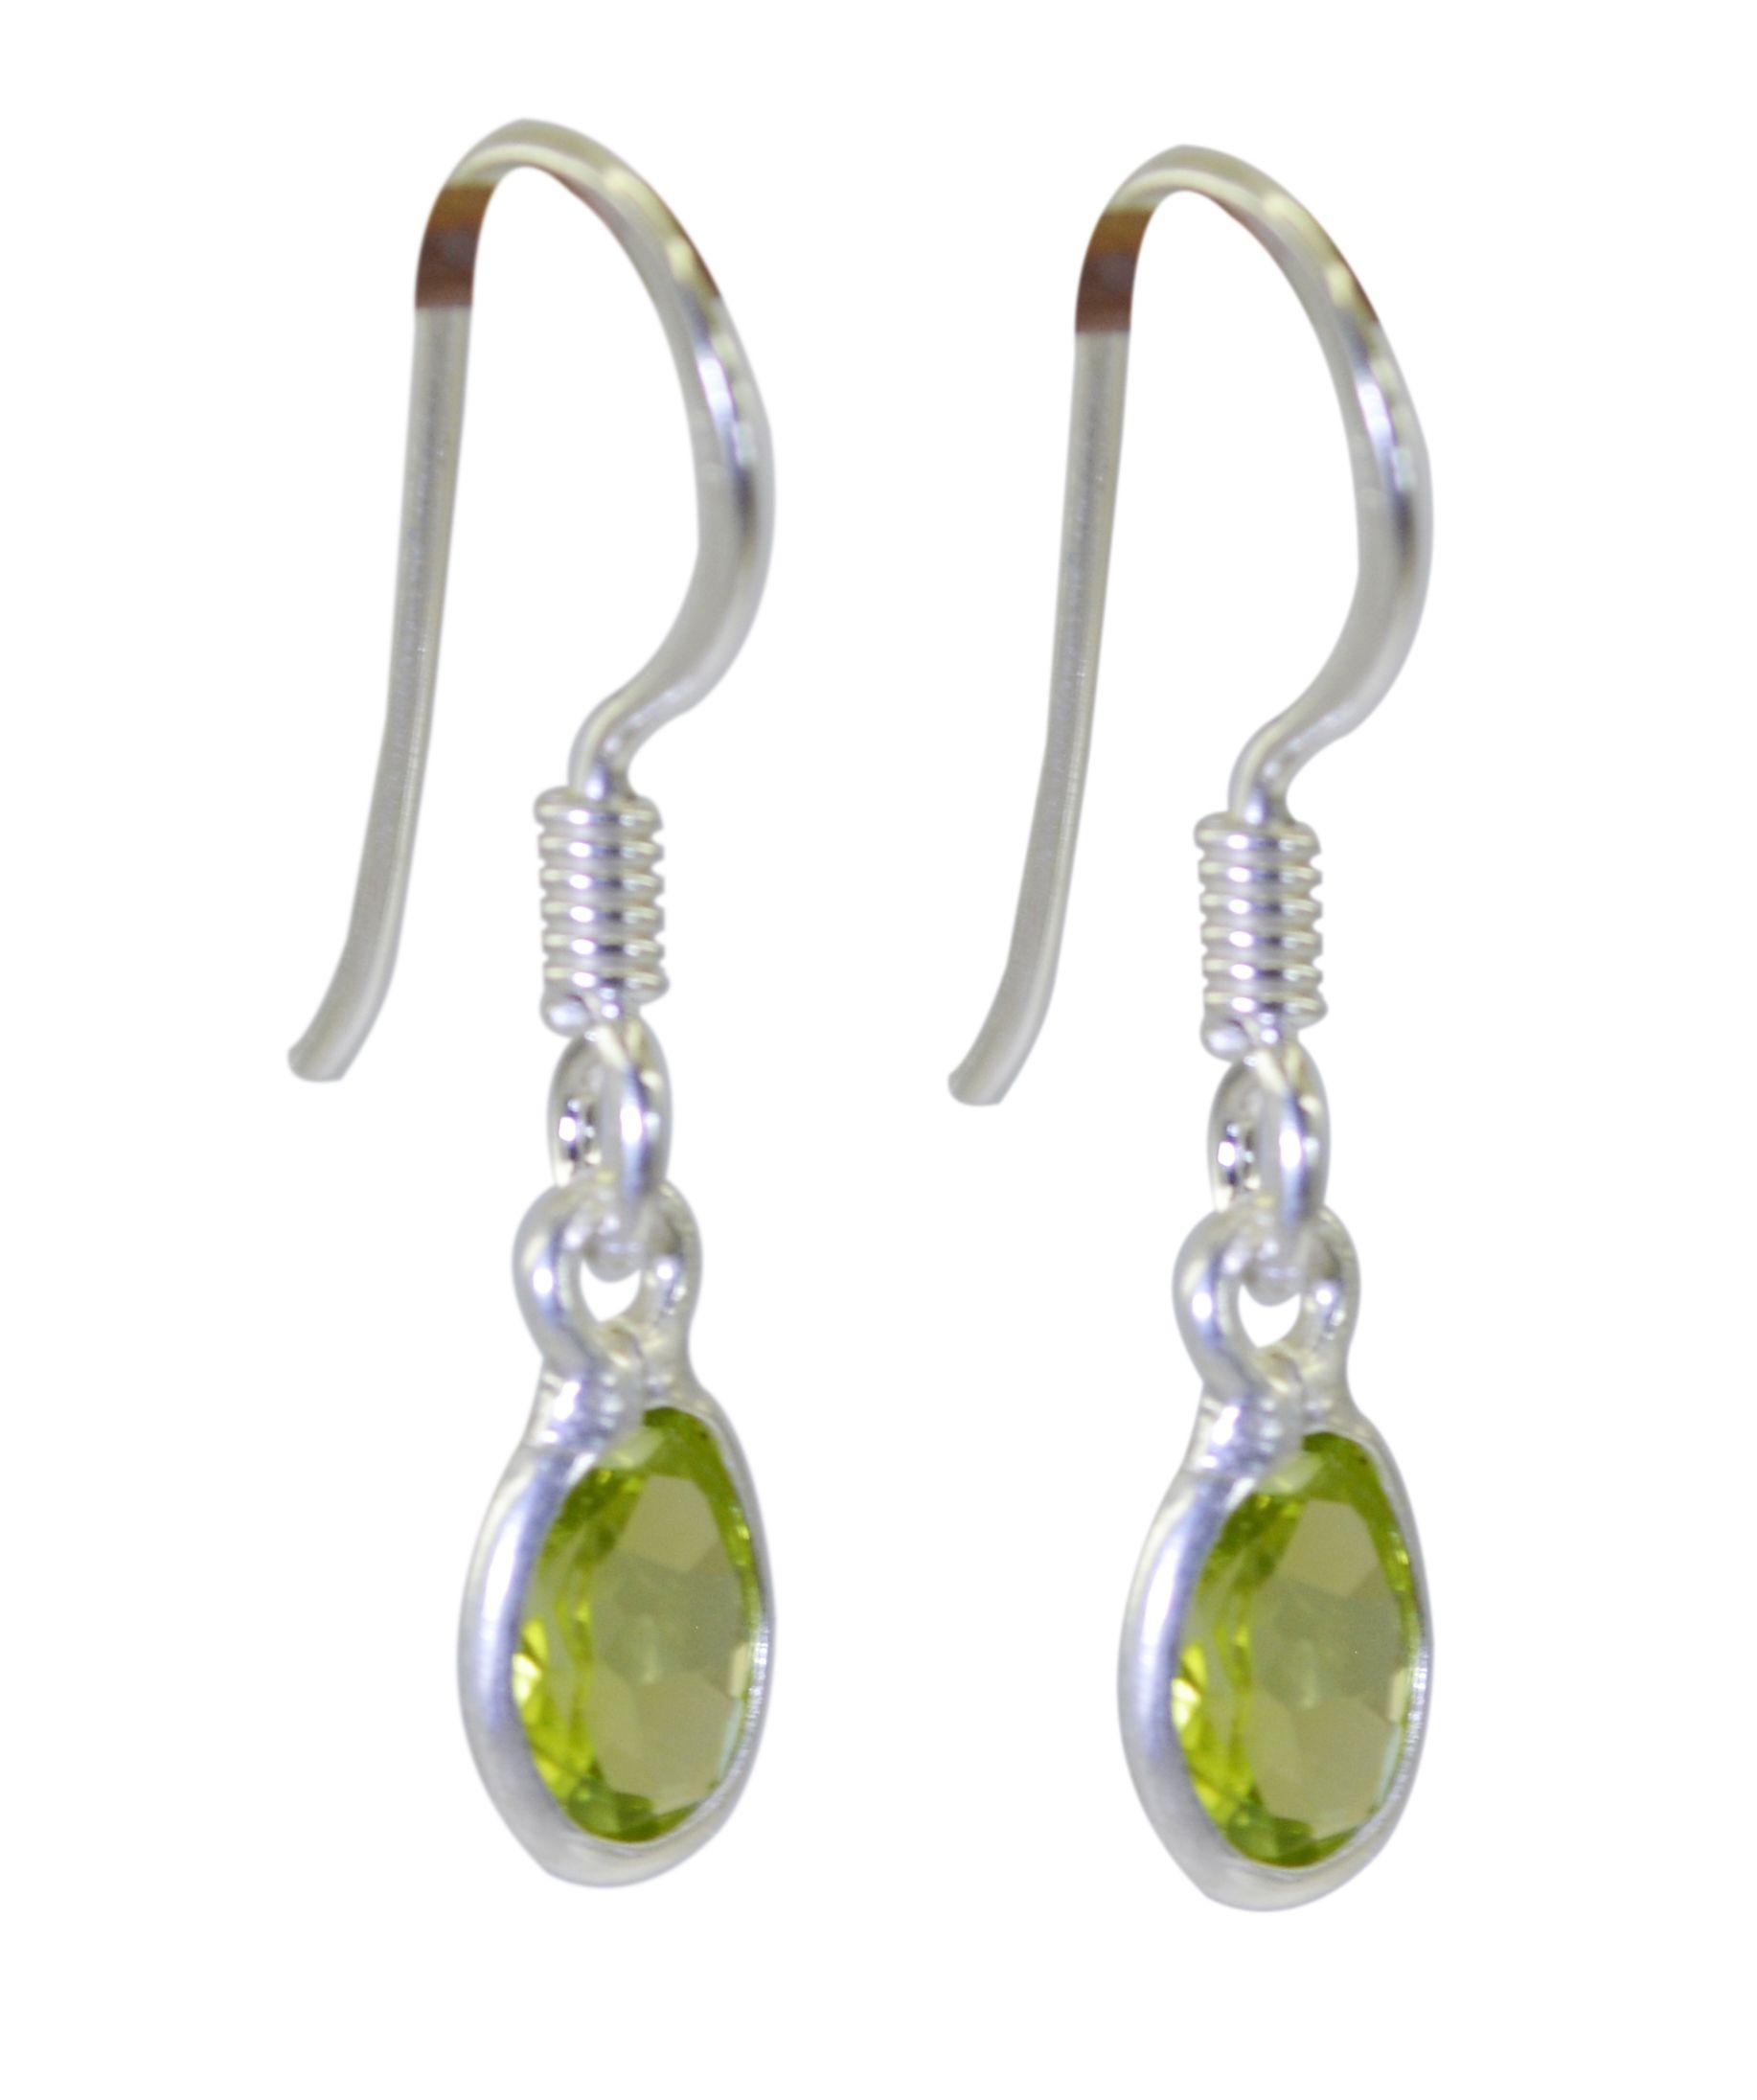 #gemlover #猫 #momlove #ruby #instaaaaah #Riyo #jewelry #gems #Handmade #925SolidSterling #Earring